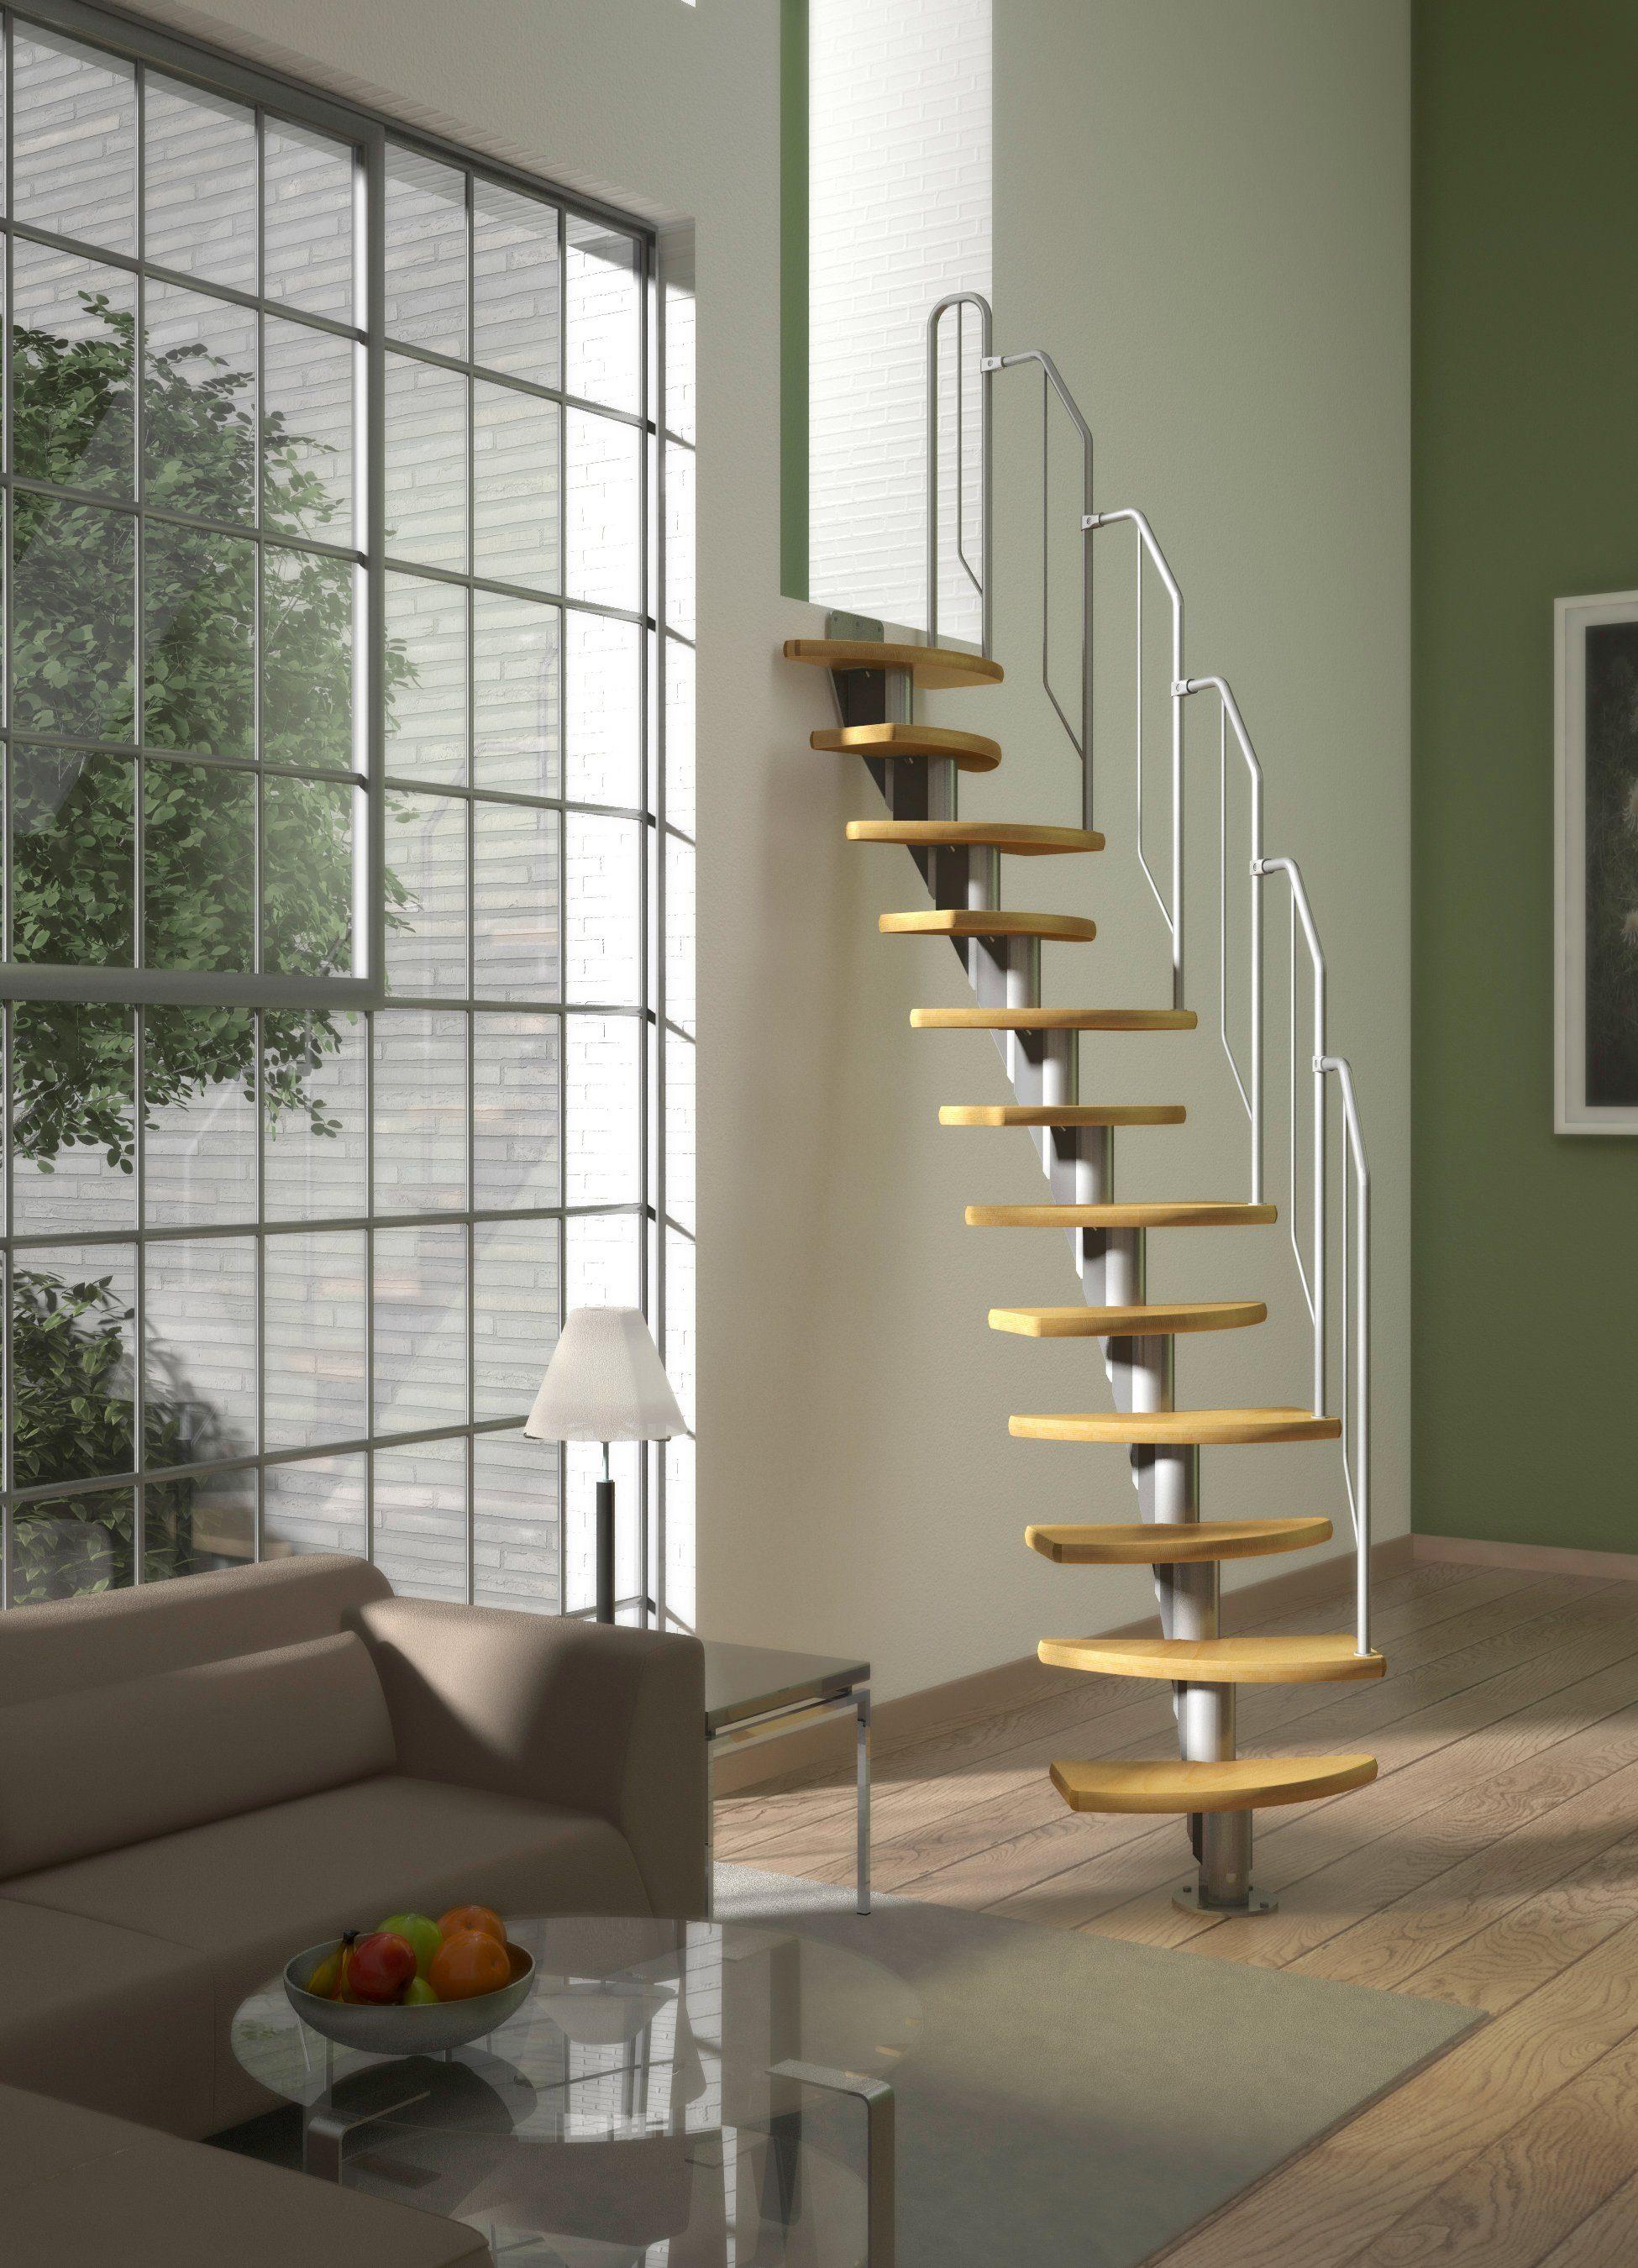 DOLLE Systemtreppe »Berlin«, Metallgeländer und -handlauf, Birke, BxH: 64x247 cm